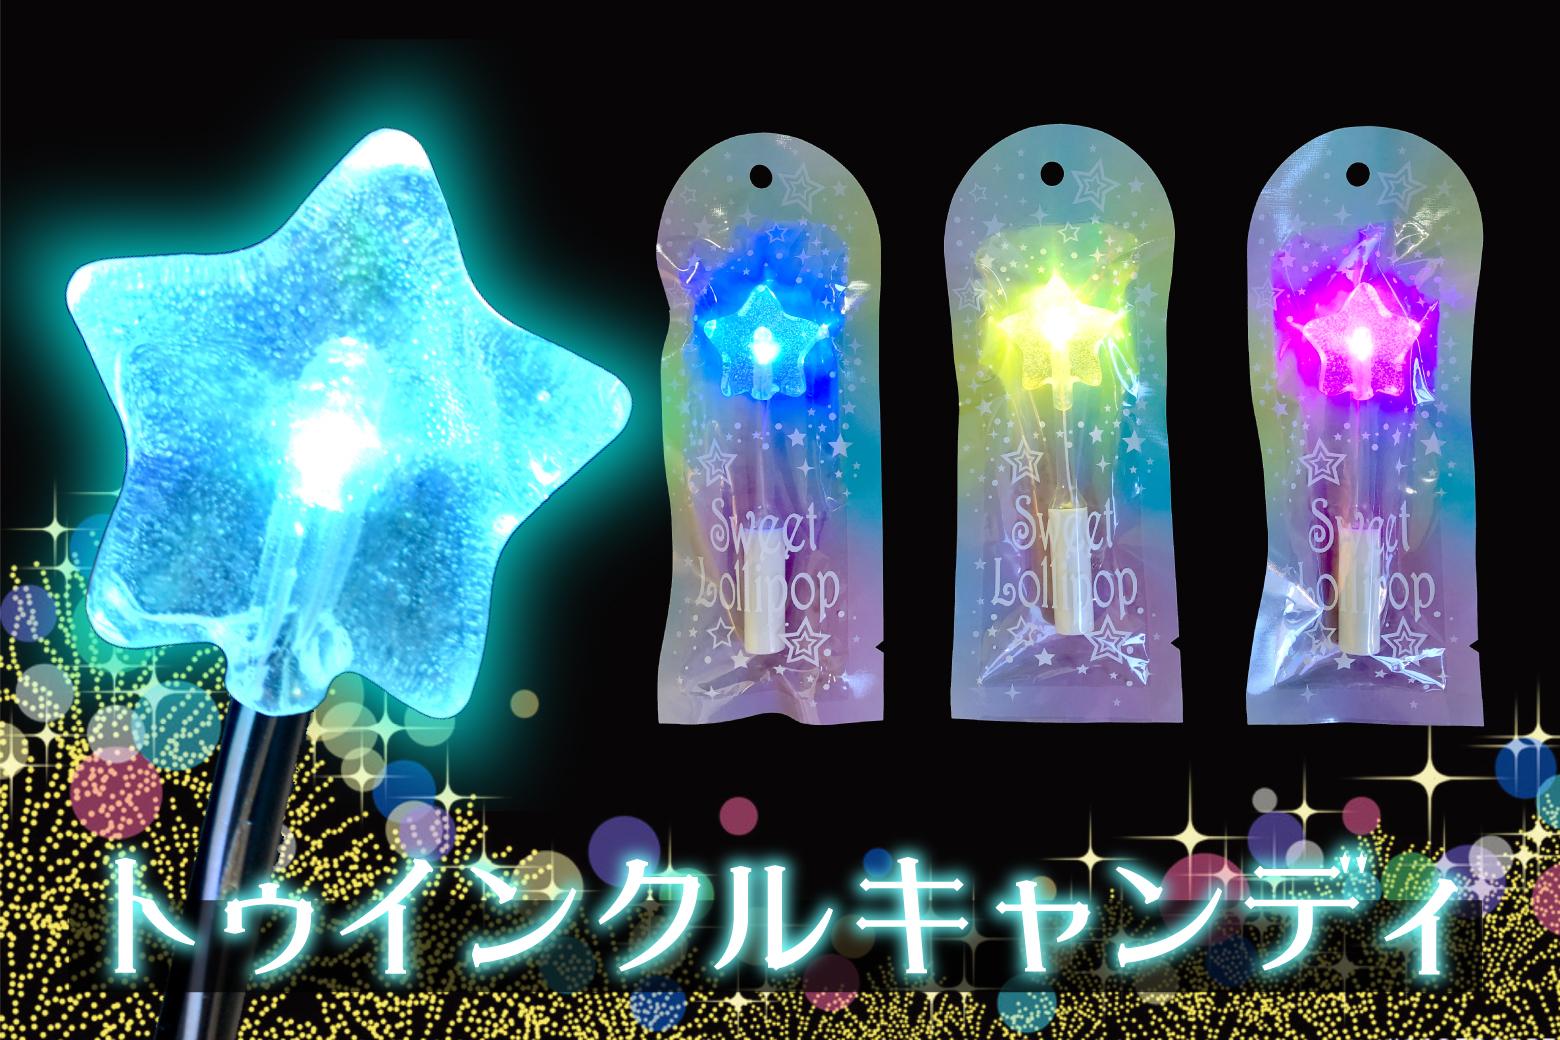 食べるイルミネーション?LEDでカラフルに光る、フォトジェニックな星型キャンディ「トゥインクルキャンディ」が《おうさまのおやつ》にて発売中